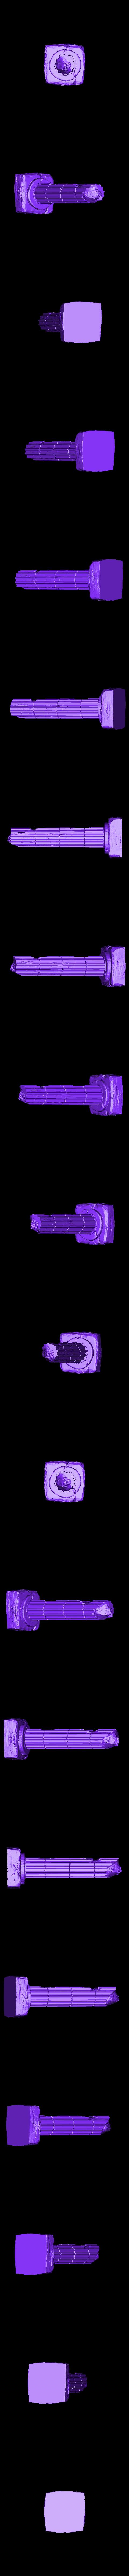 Column_C.stl Télécharger fichier STL gratuit Colonne de ruines romaines/grecques • Plan pour imprimante 3D, DarkRealms